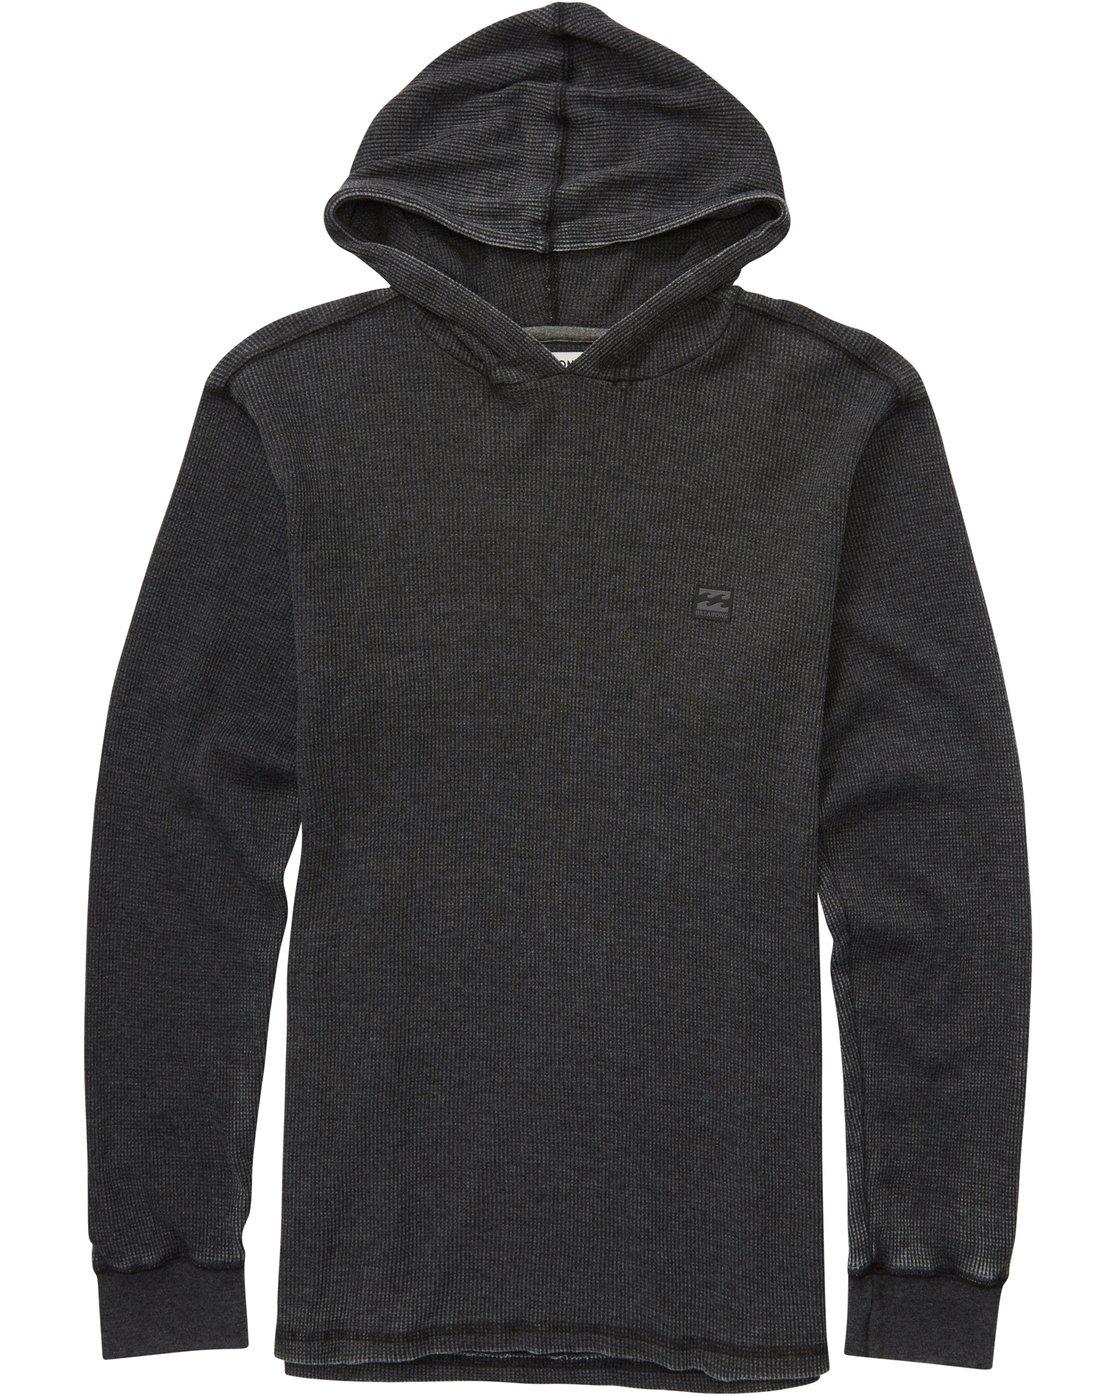 Billabong Keystone Black Pullover Hoodie